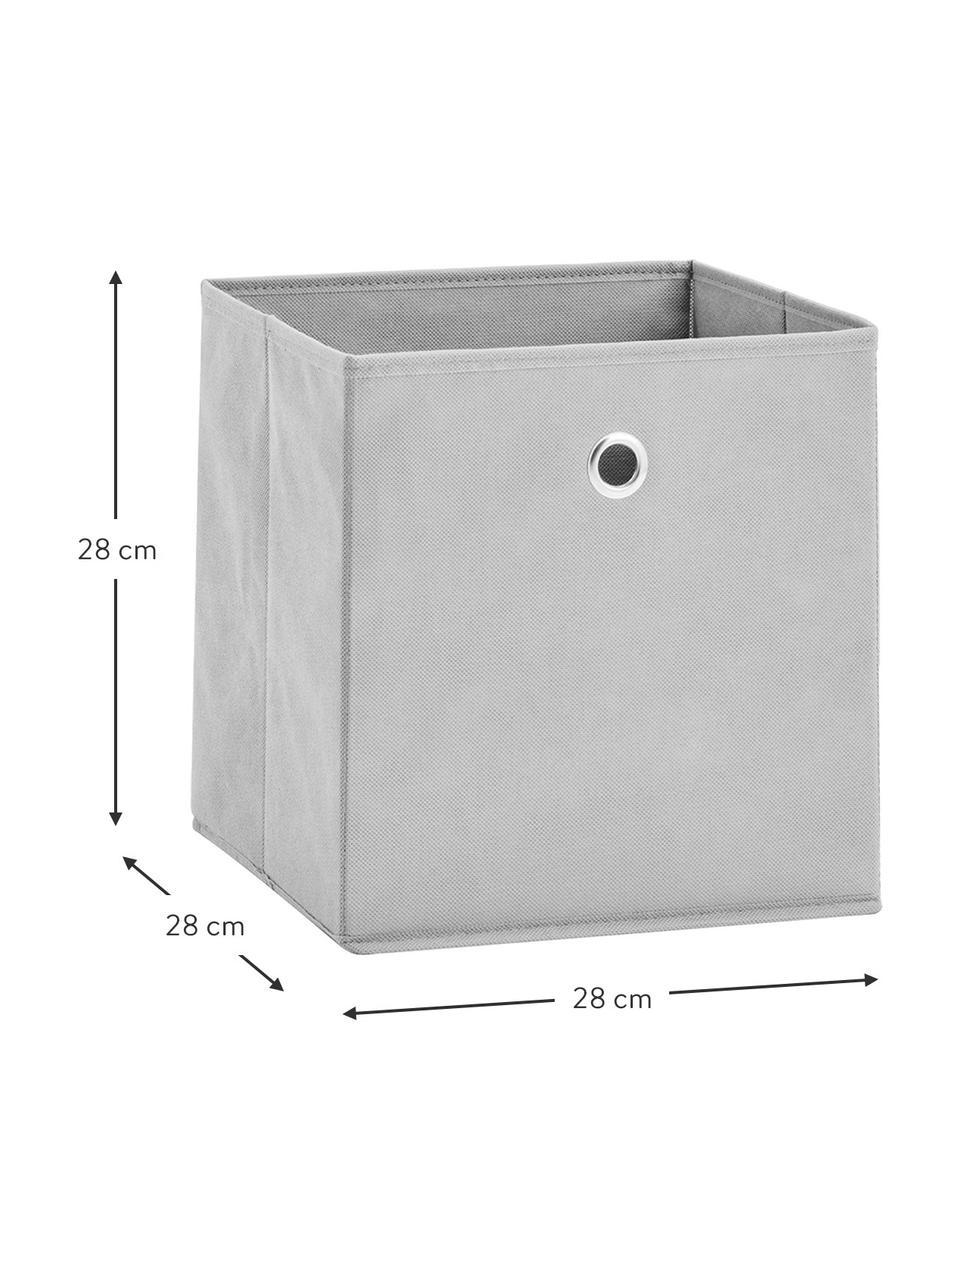 Scatola portaoggetti Lisa, Rivestimento: pile, Struttura: cartone, metallo, Grigio, Larg. 28 x Alt. 28 cm